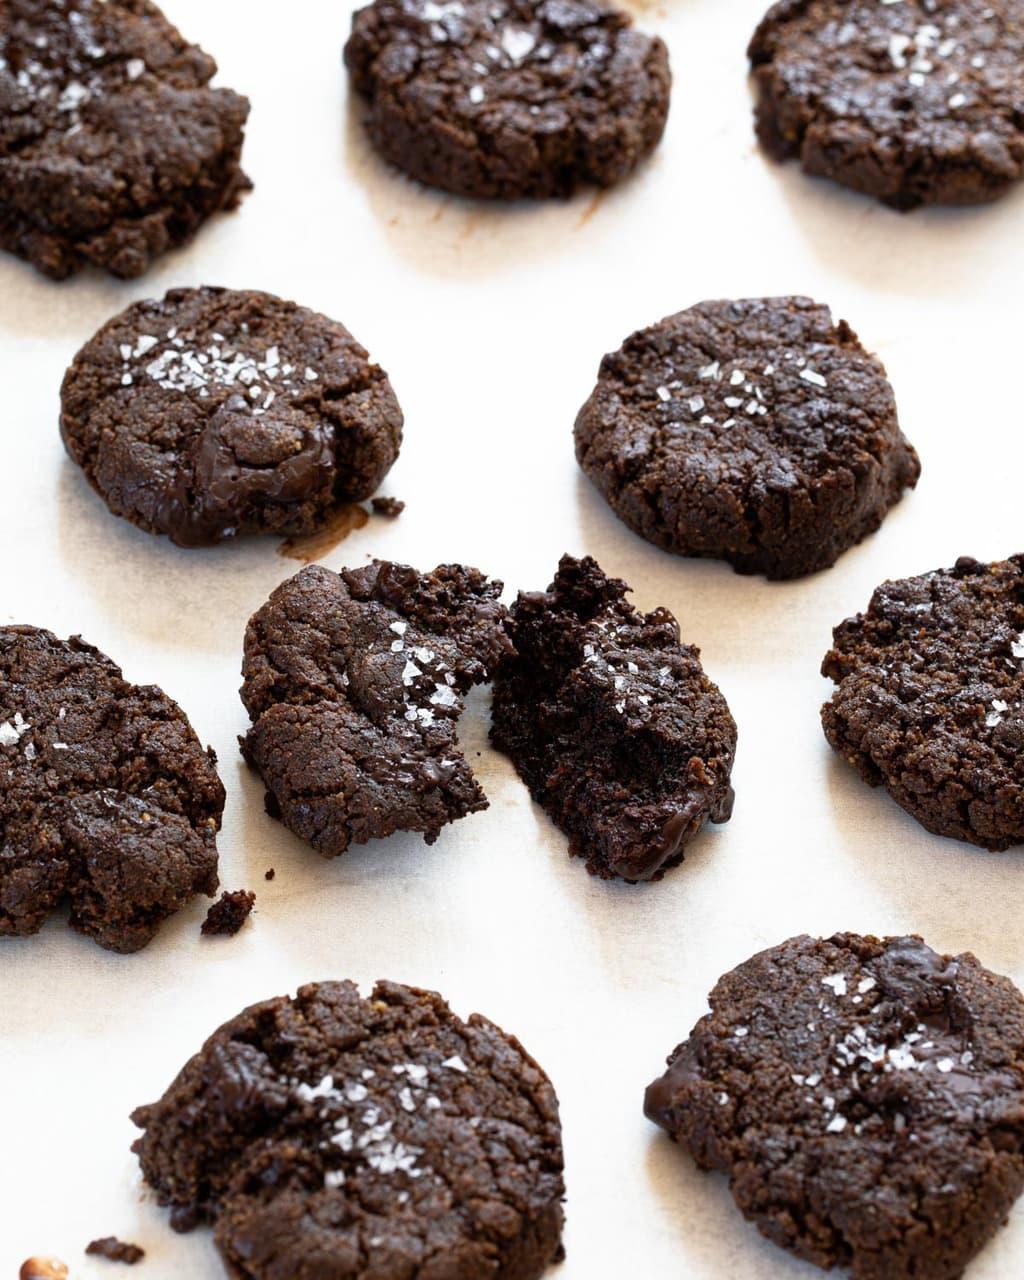 生酮雙倍巧克力豆餅乾 Keto Double Chocolate Chip Cookie-1